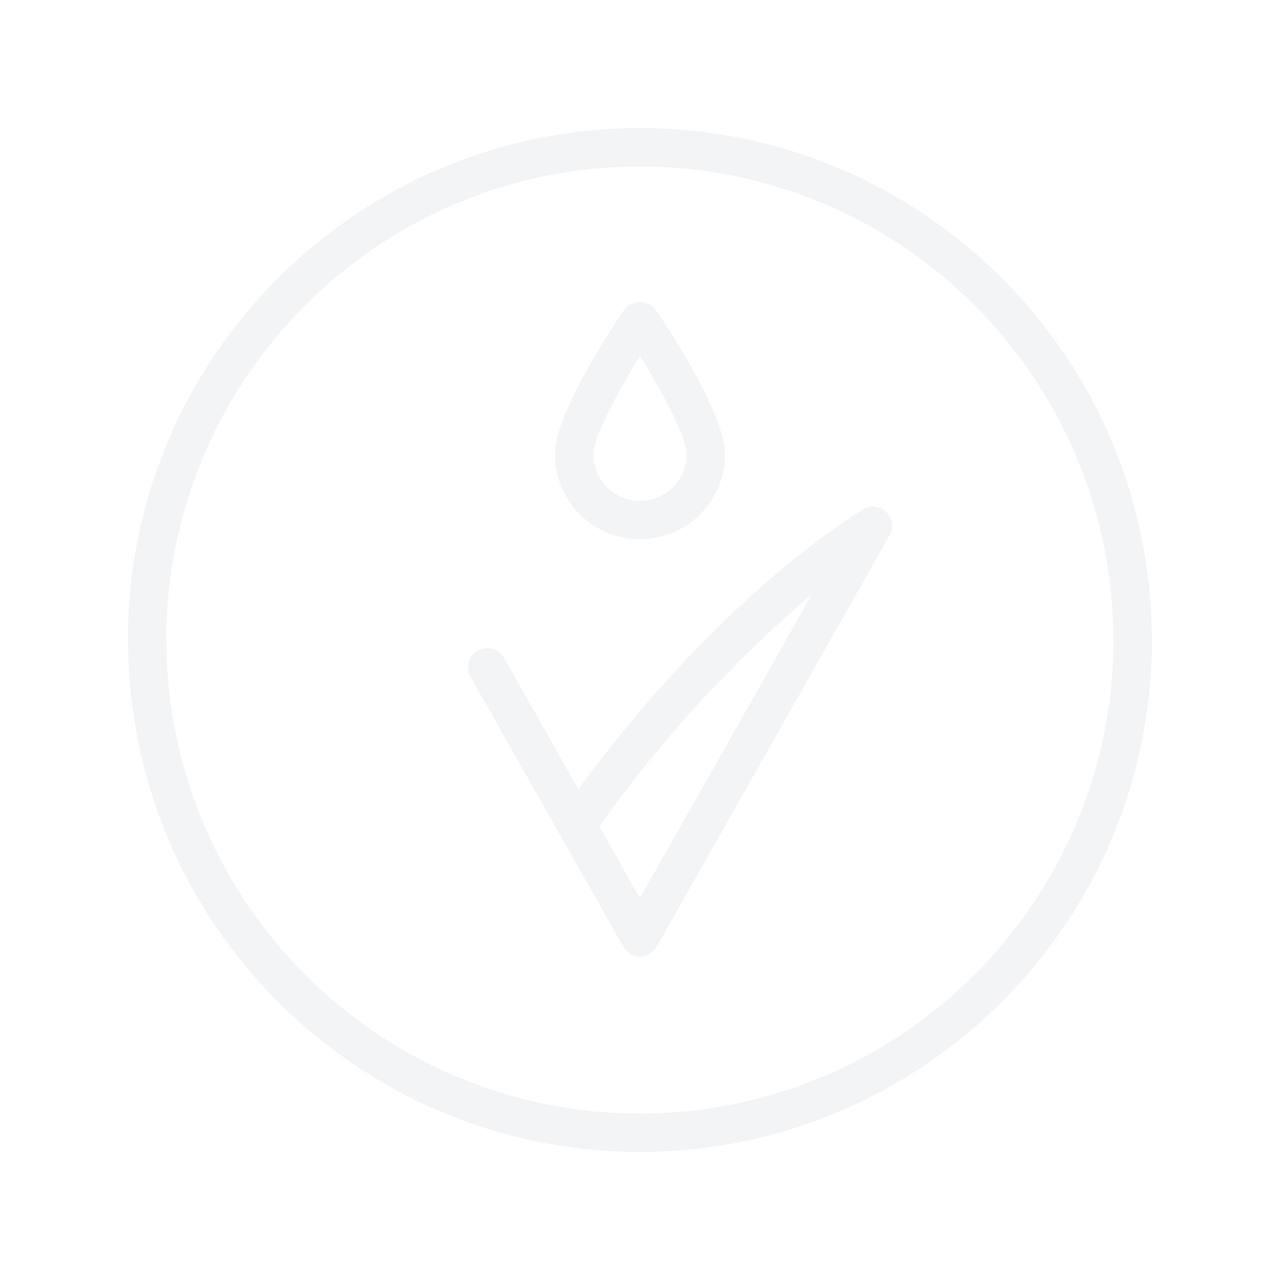 LANCASTER 365 Skin Repair Gift Set